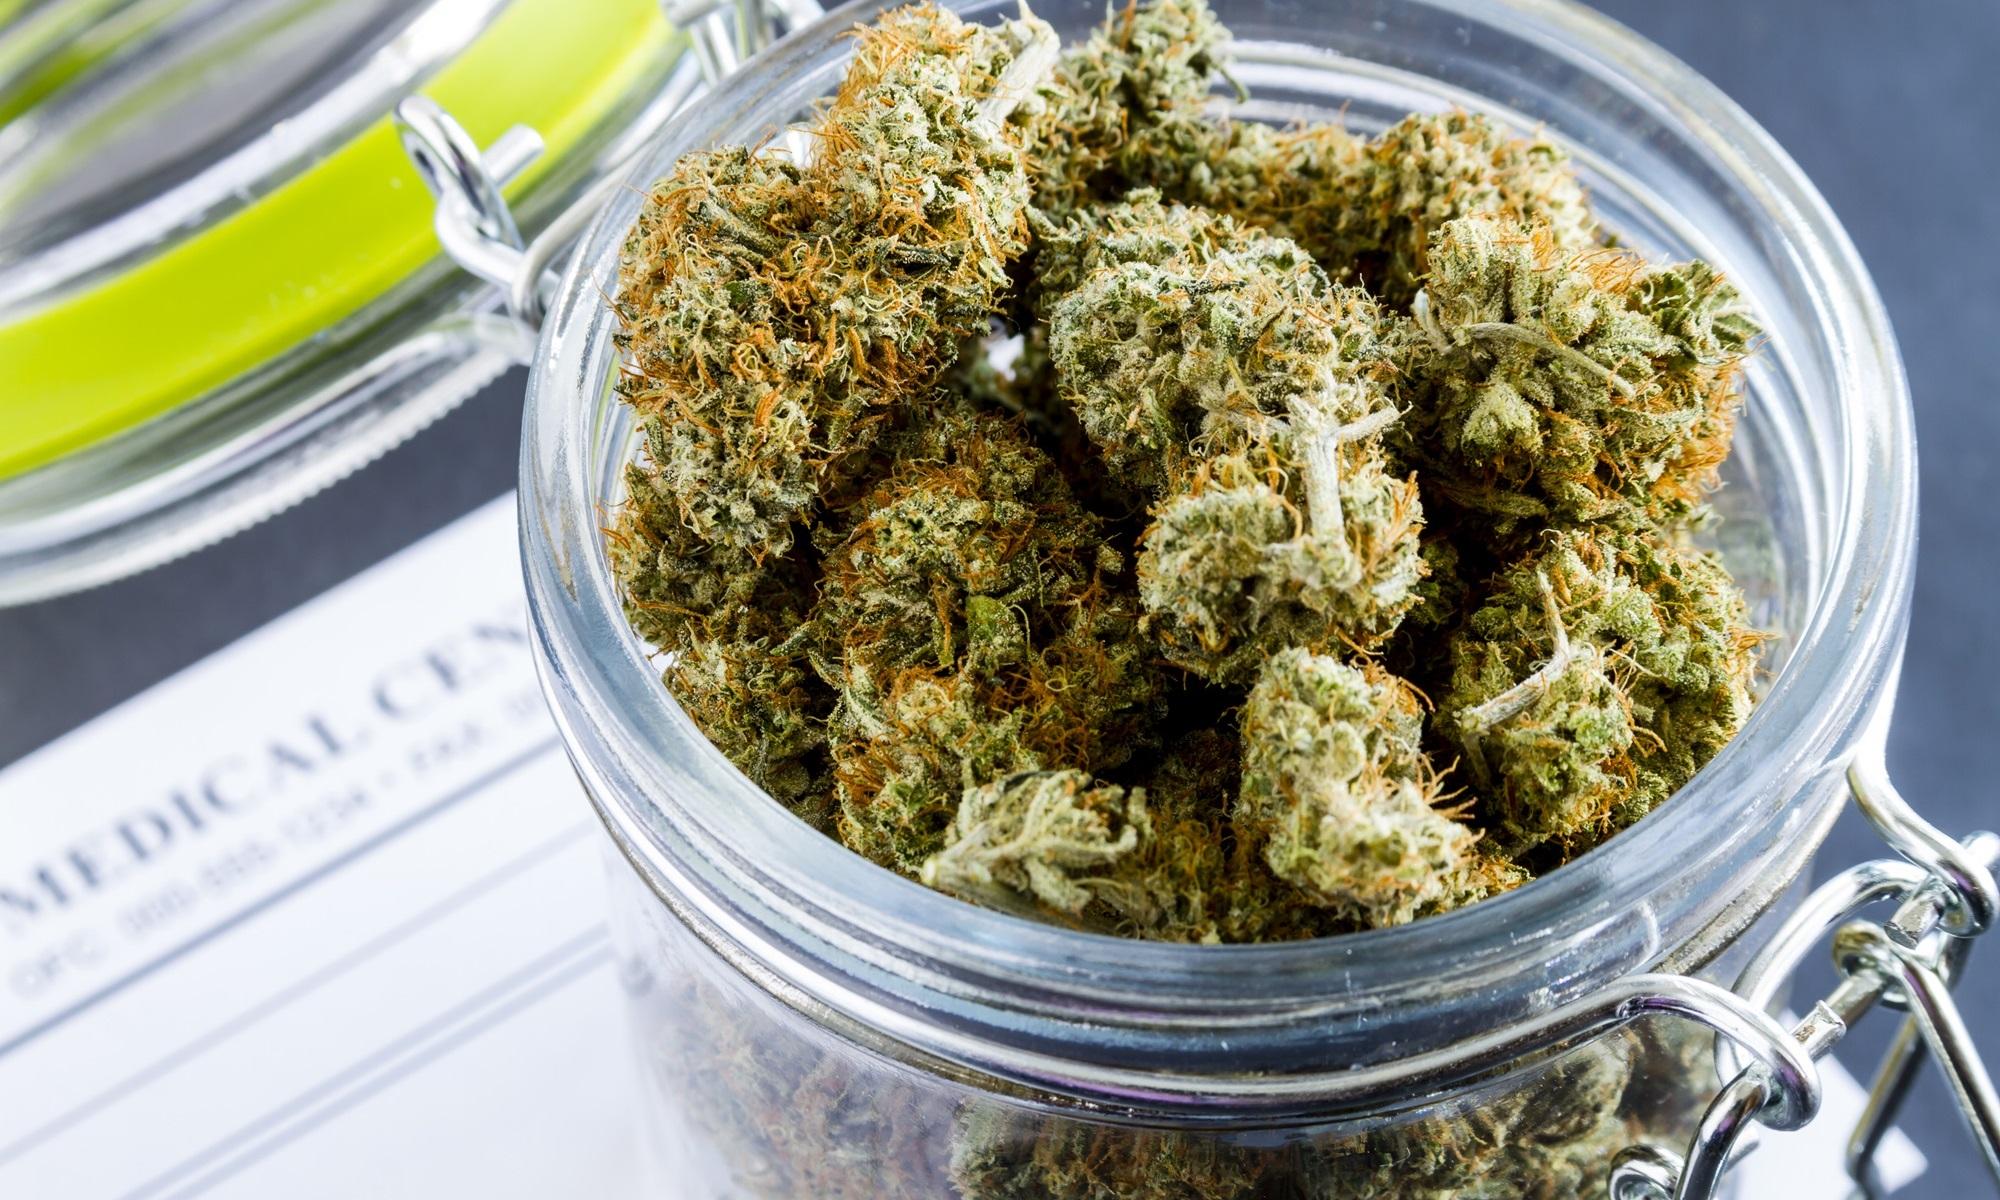 Marihuana medicinal para el insomnio